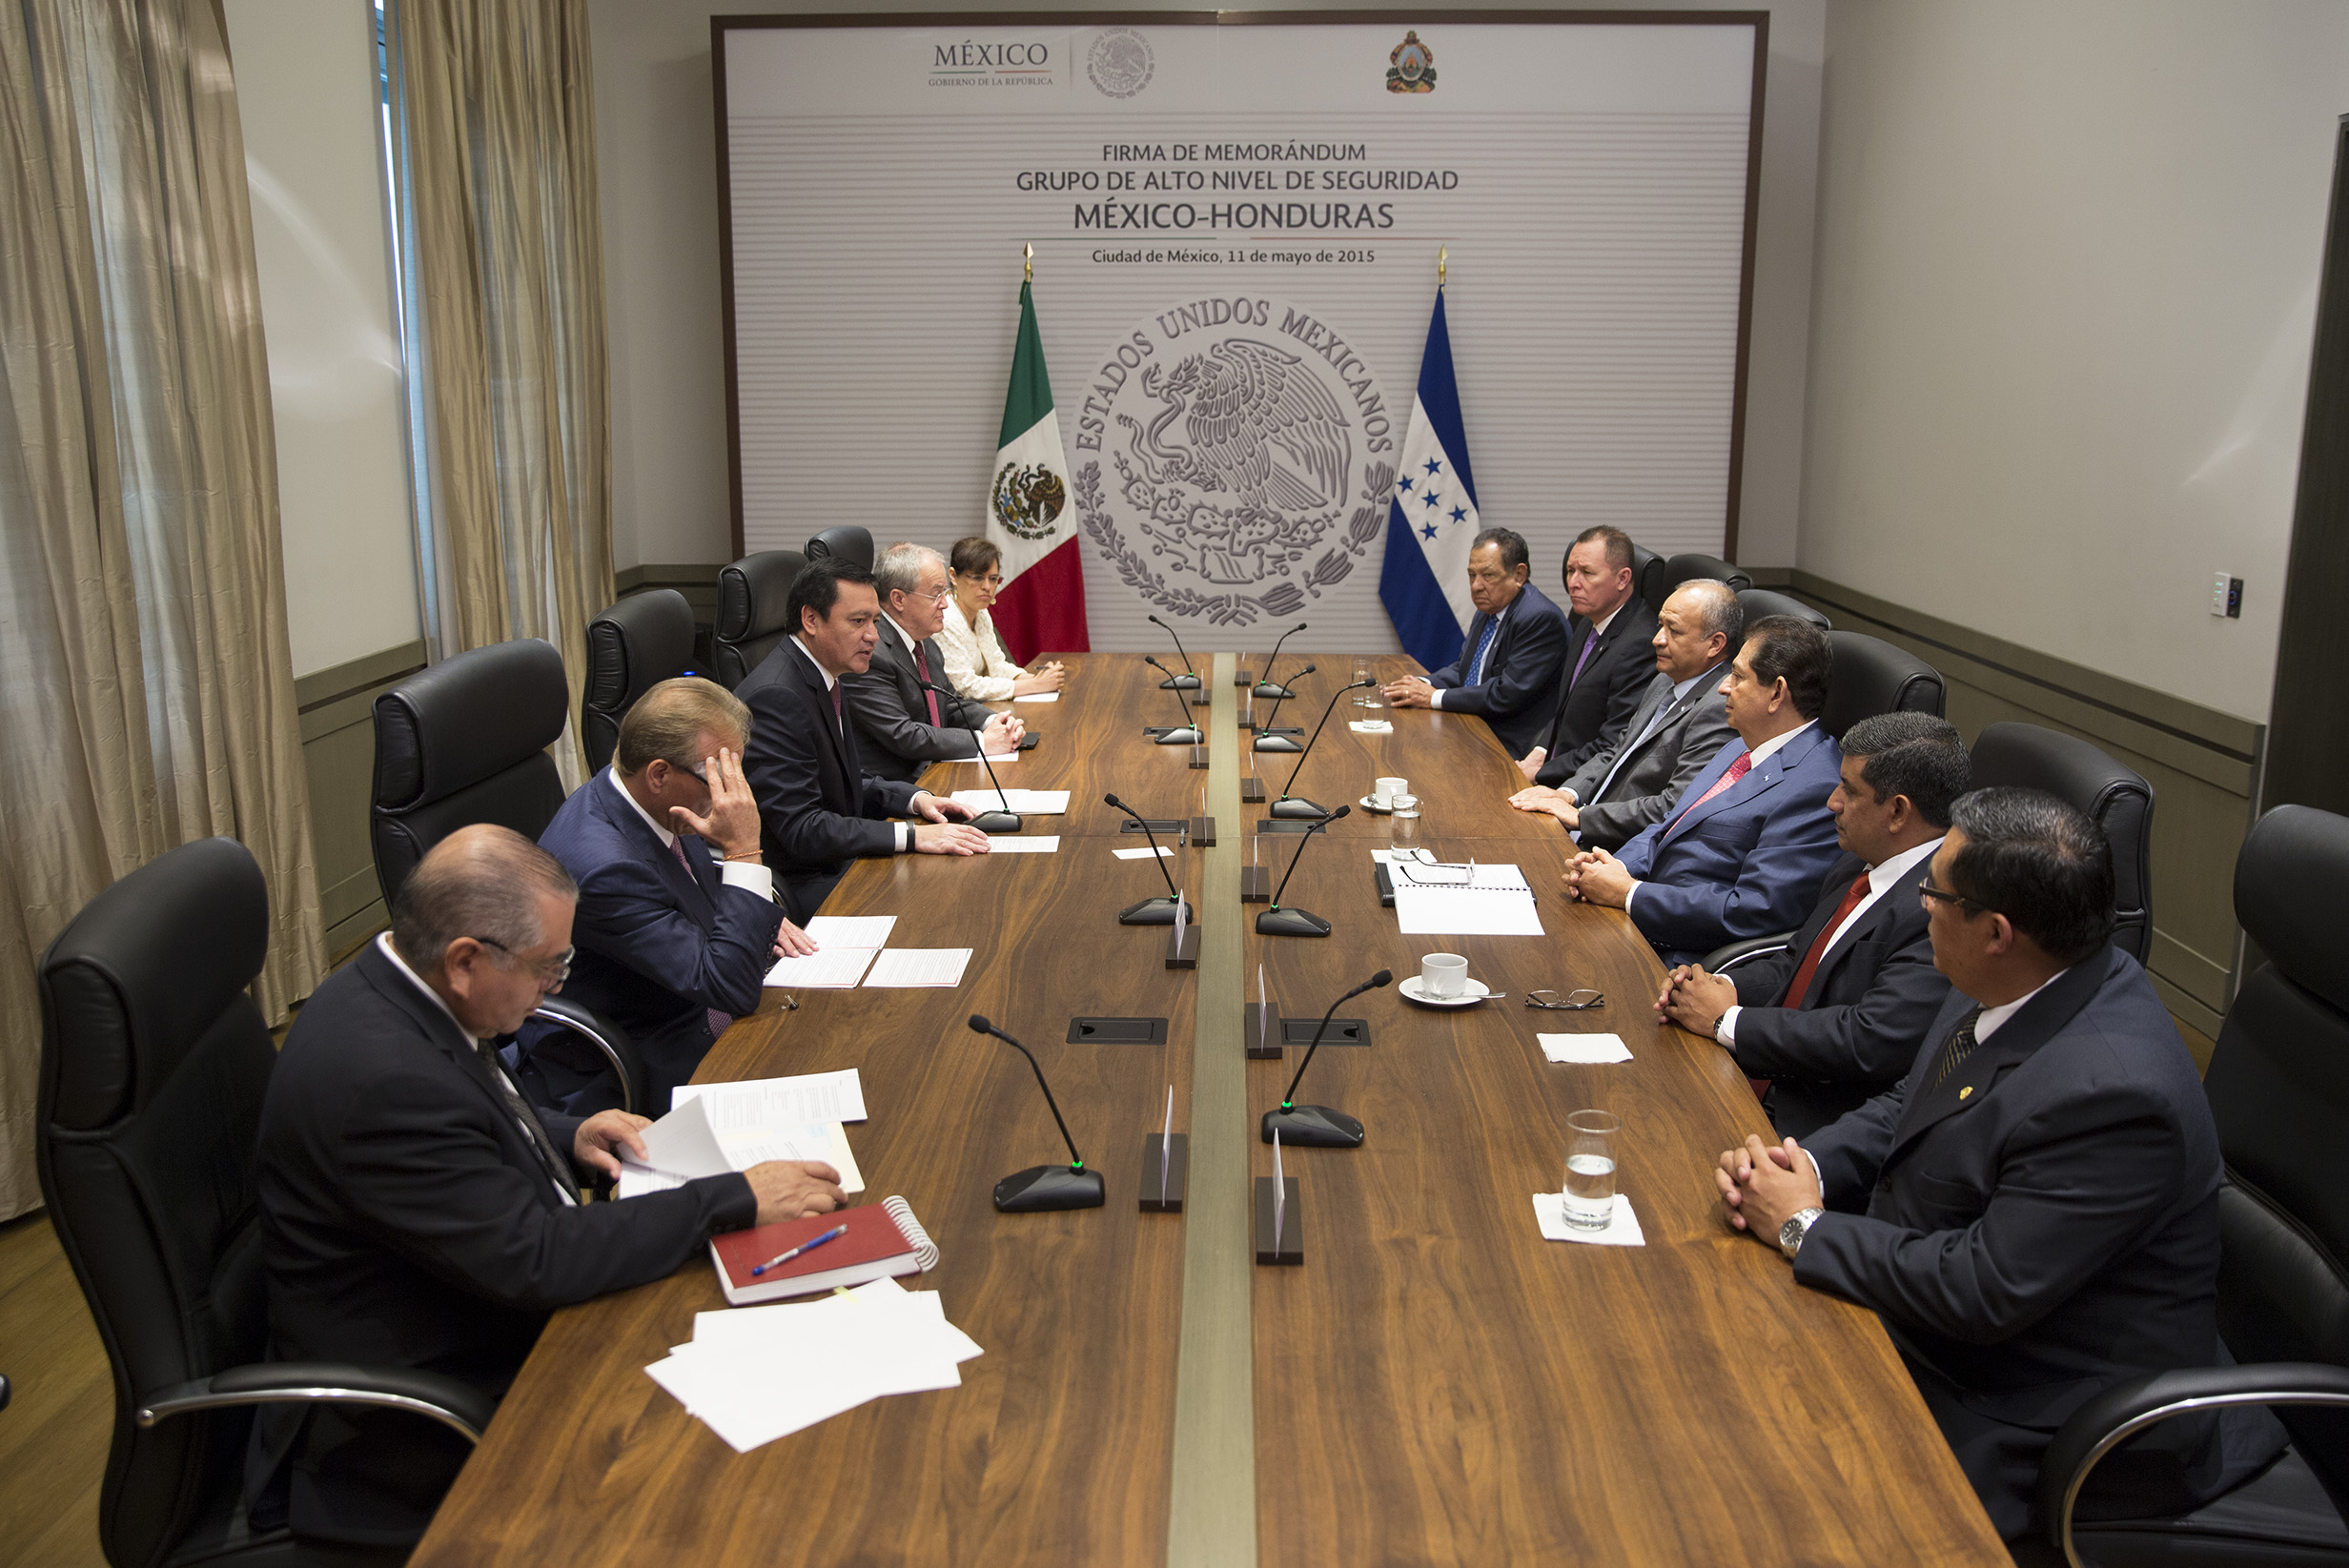 """El Secretario de Gobernación, Miguel Ángel Osorio Chong, suscribió el """"Memorándum de Entendimiento del Grupo de Alto Nivel en Seguridad (GANSEG) México-Honduras""""al lado de su homólogo el Secretario Hernández Alcerro  del gobierno de Honduras."""